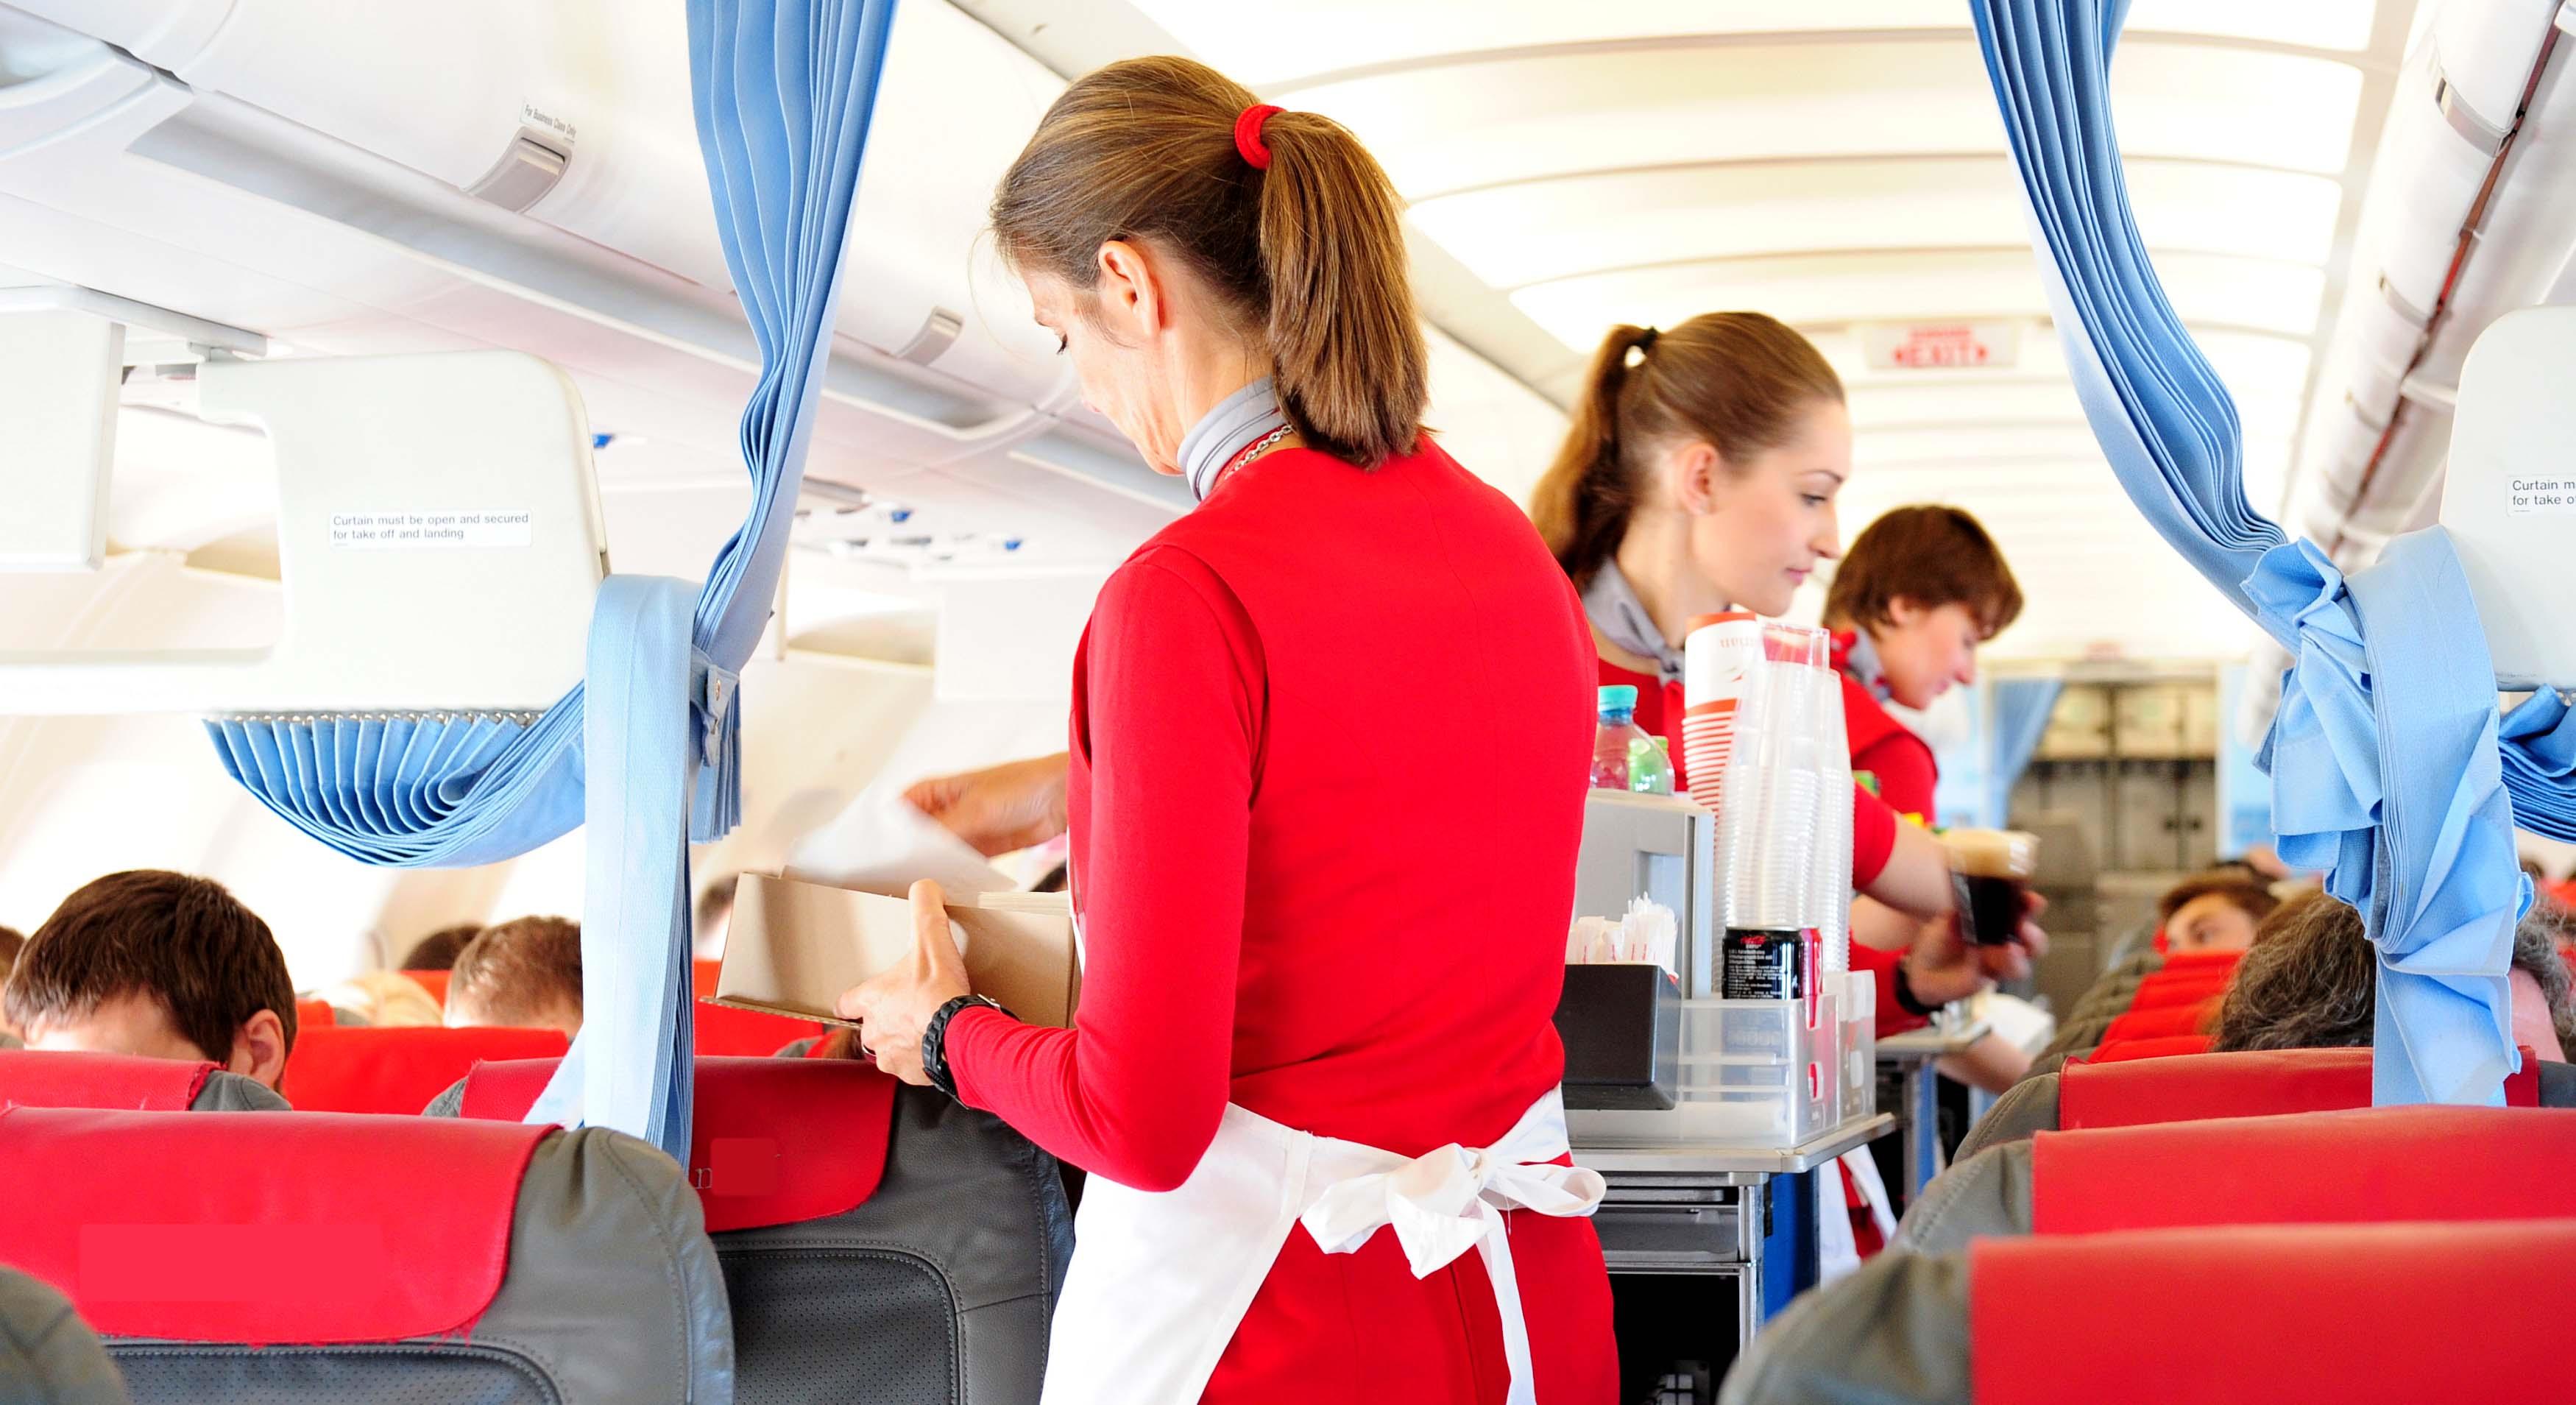 8 أخطاء مزعجة تضايق المضيفات من ركاب الطائرات